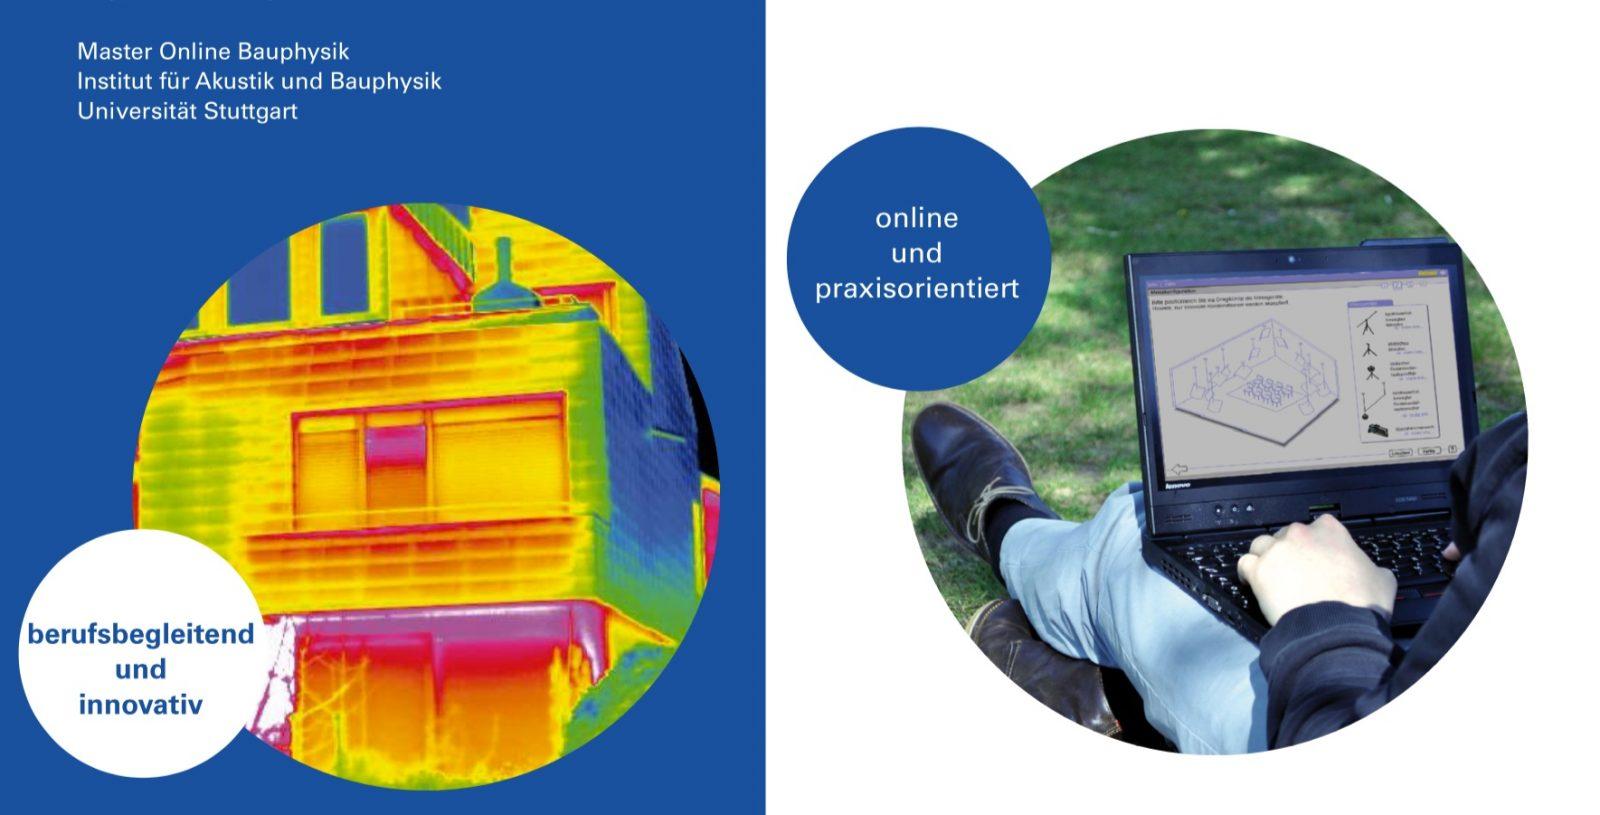 Master Online Bauphysik (Abbildung: Institut für Akustik und Bauphysik, Universität Stuttgart)